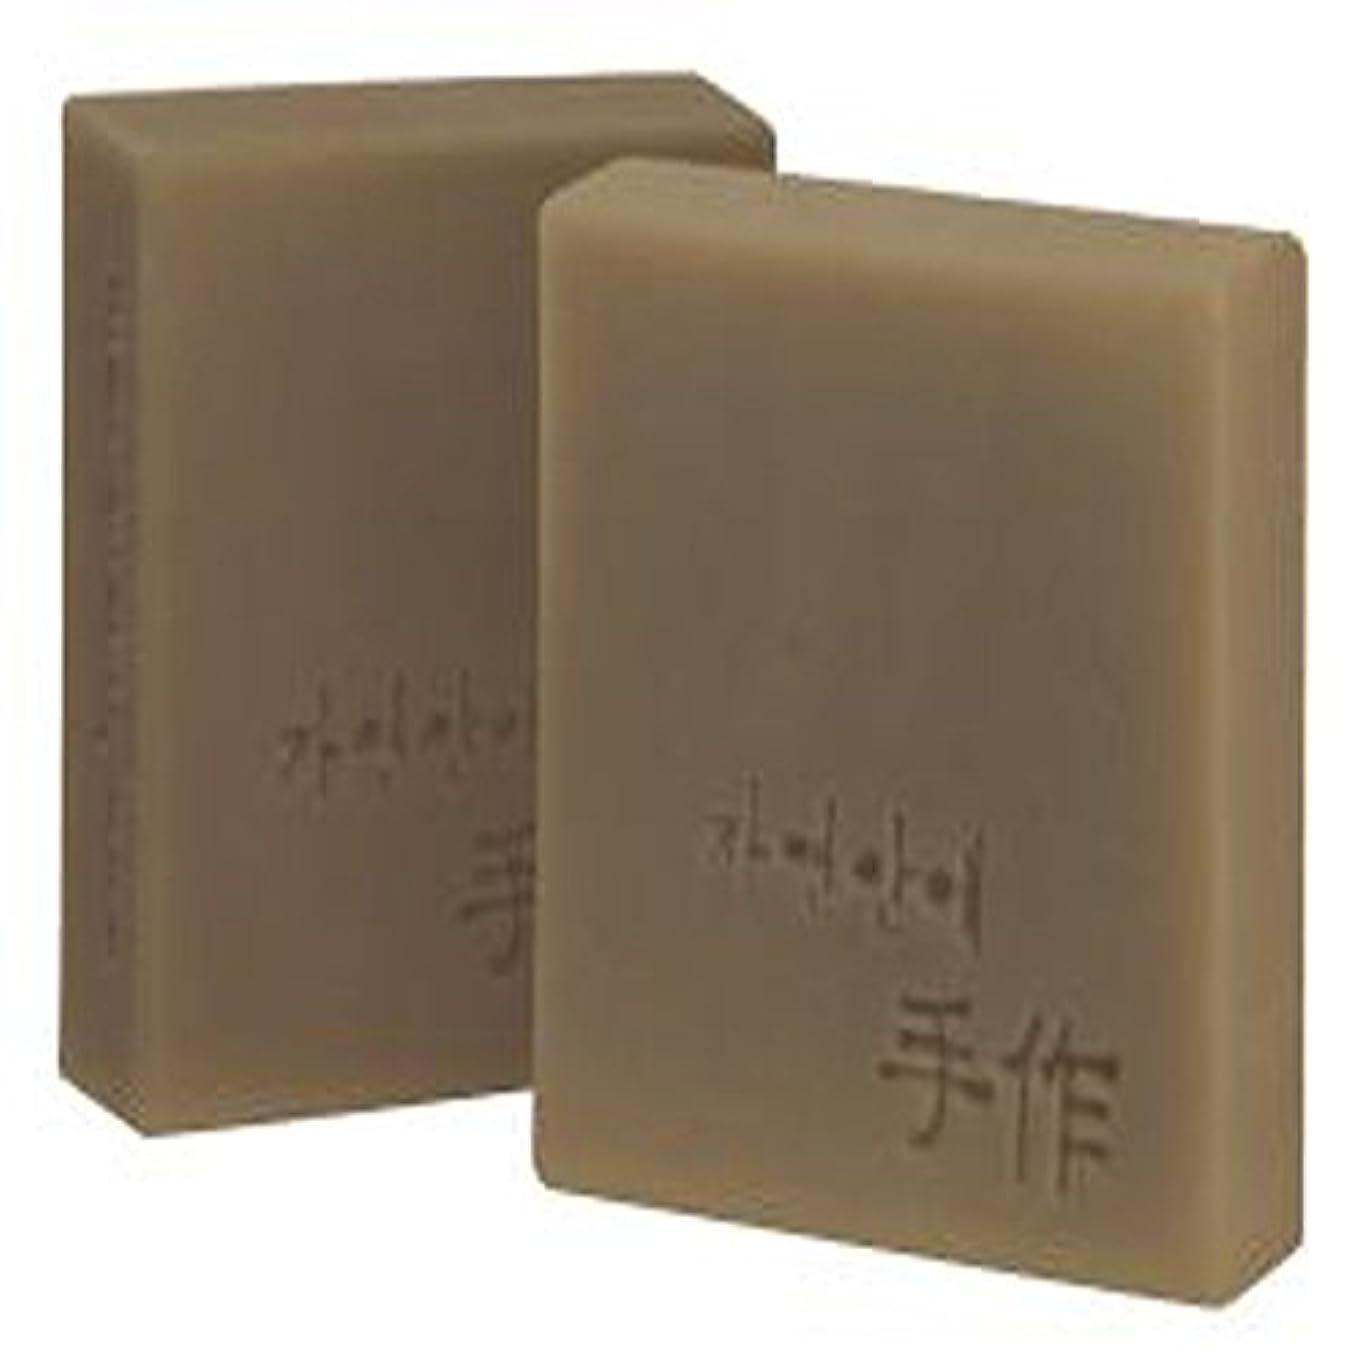 助言するハシー取り扱いNatural organic 有機天然ソープ 固形 無添加 洗顔せっけんクレンジング [並行輸入品] (トサジャ)